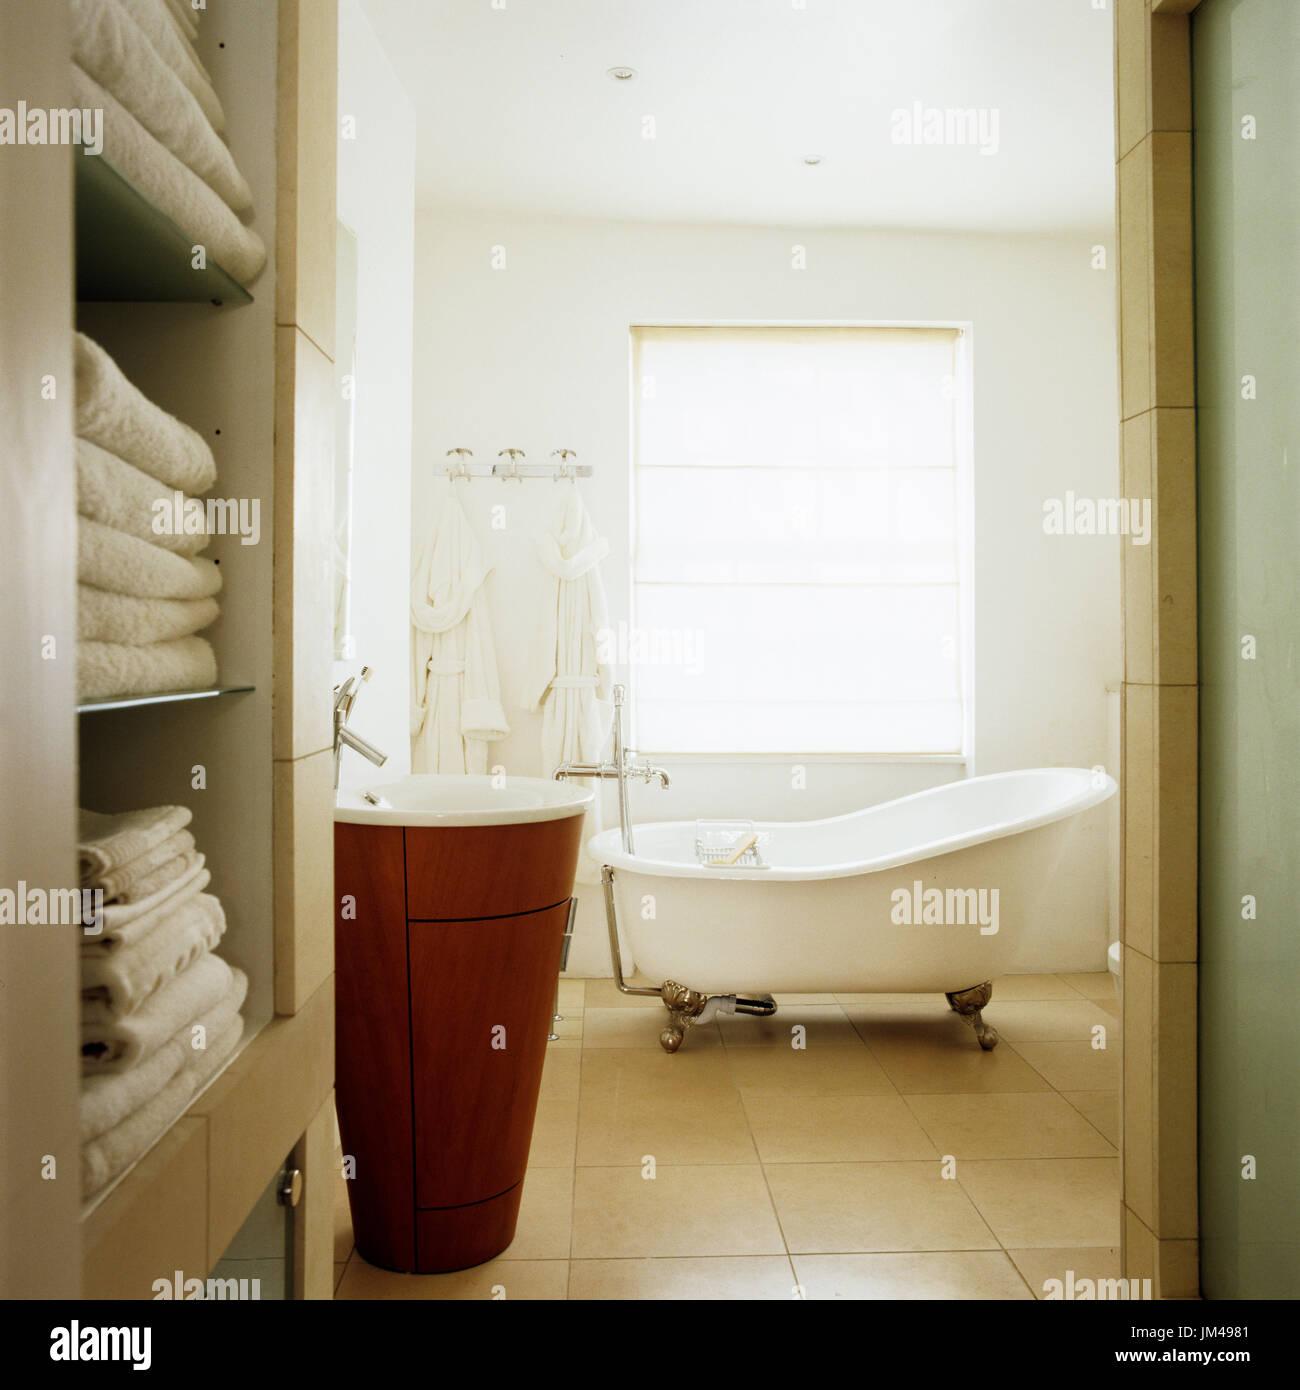 Bathroom with freestanding bathtub - Stock Image